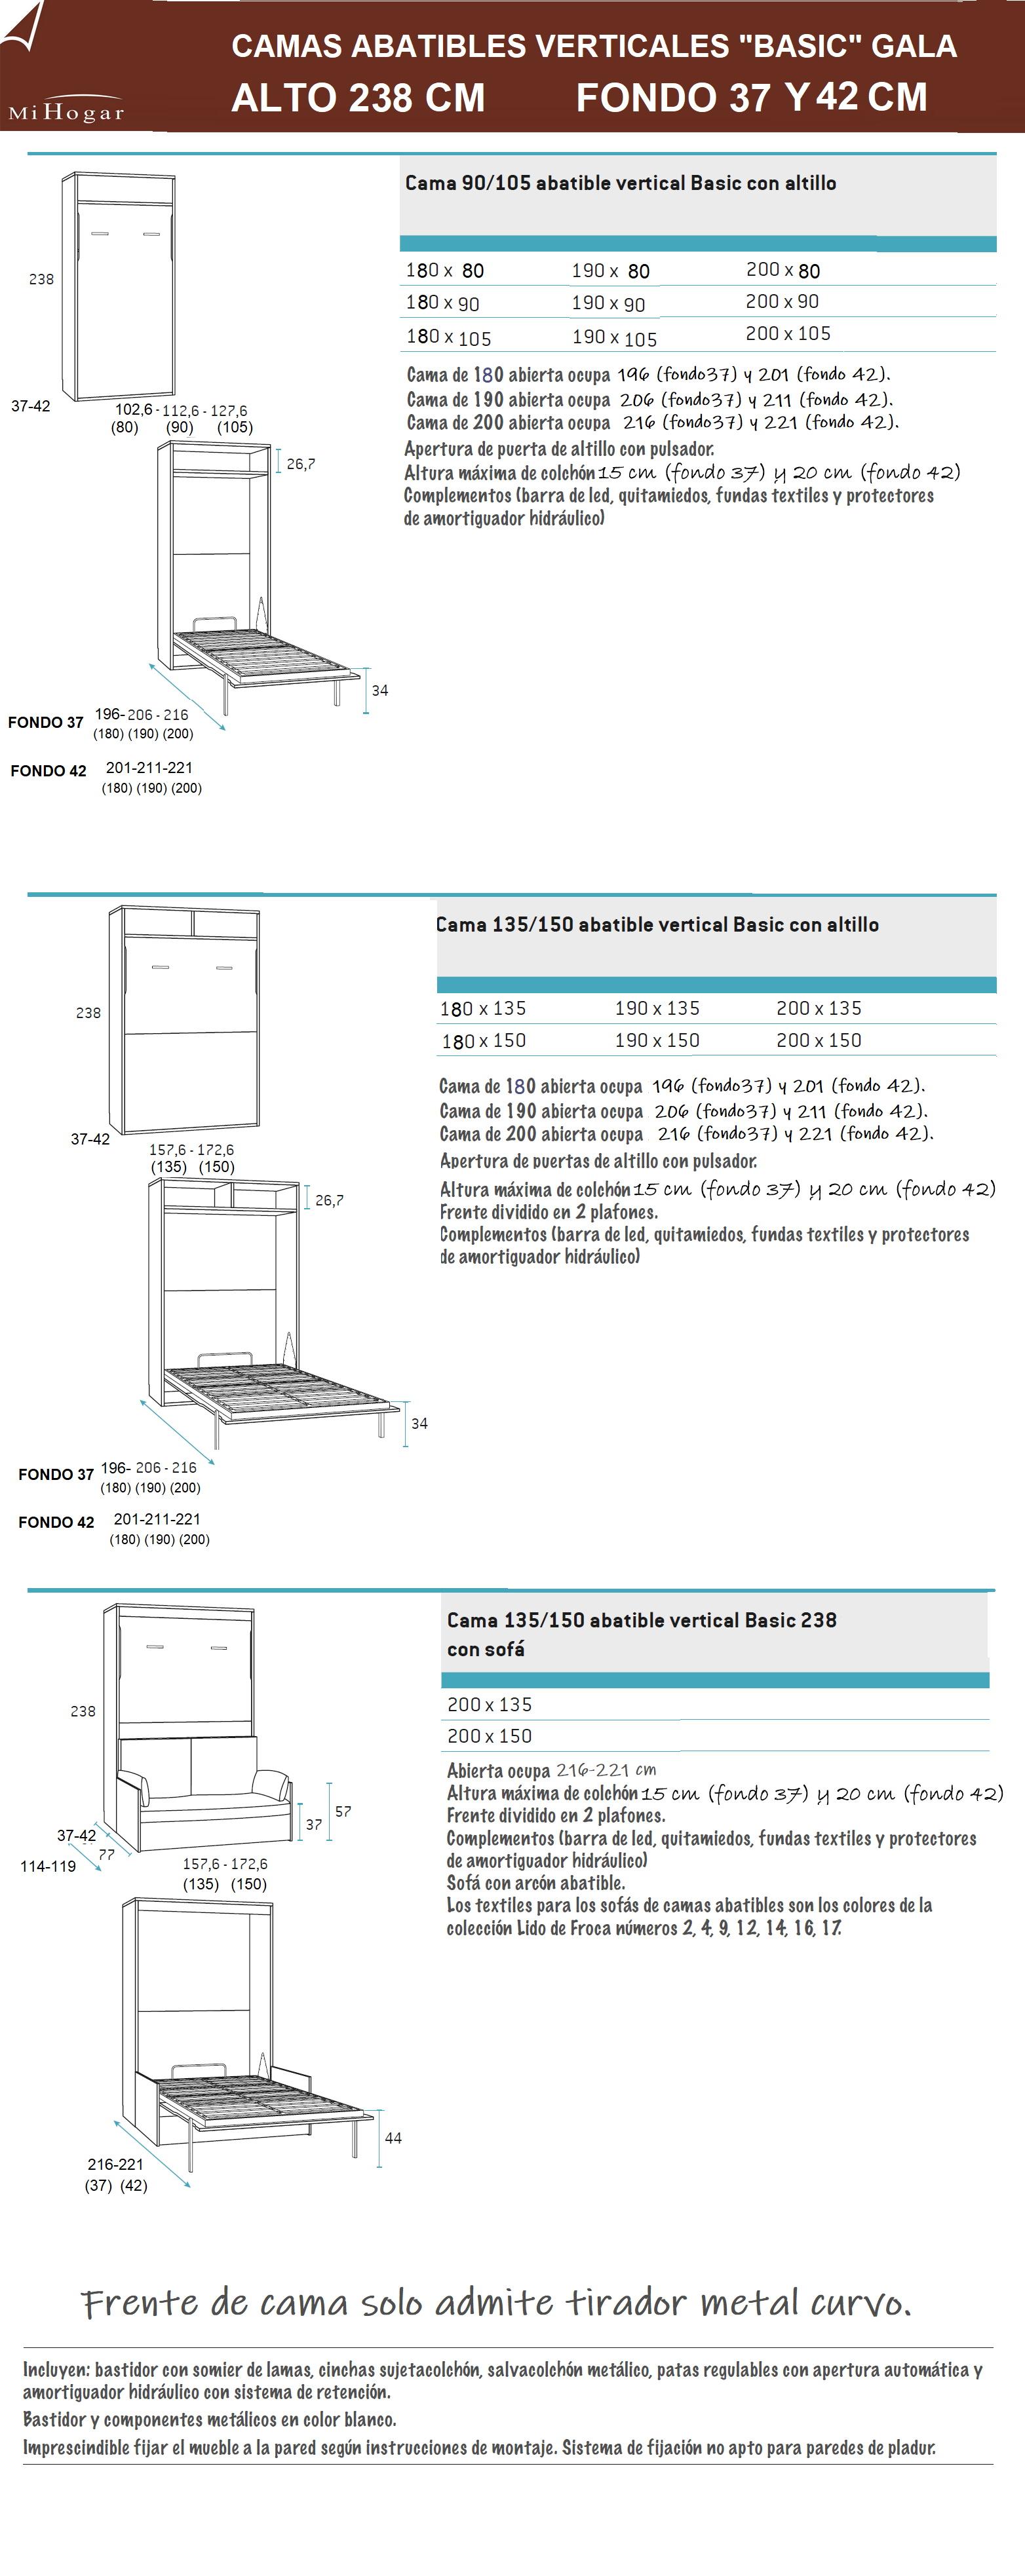 medidas de camas abatibles verticales basic fondo 37 y 42 alto 238 gala